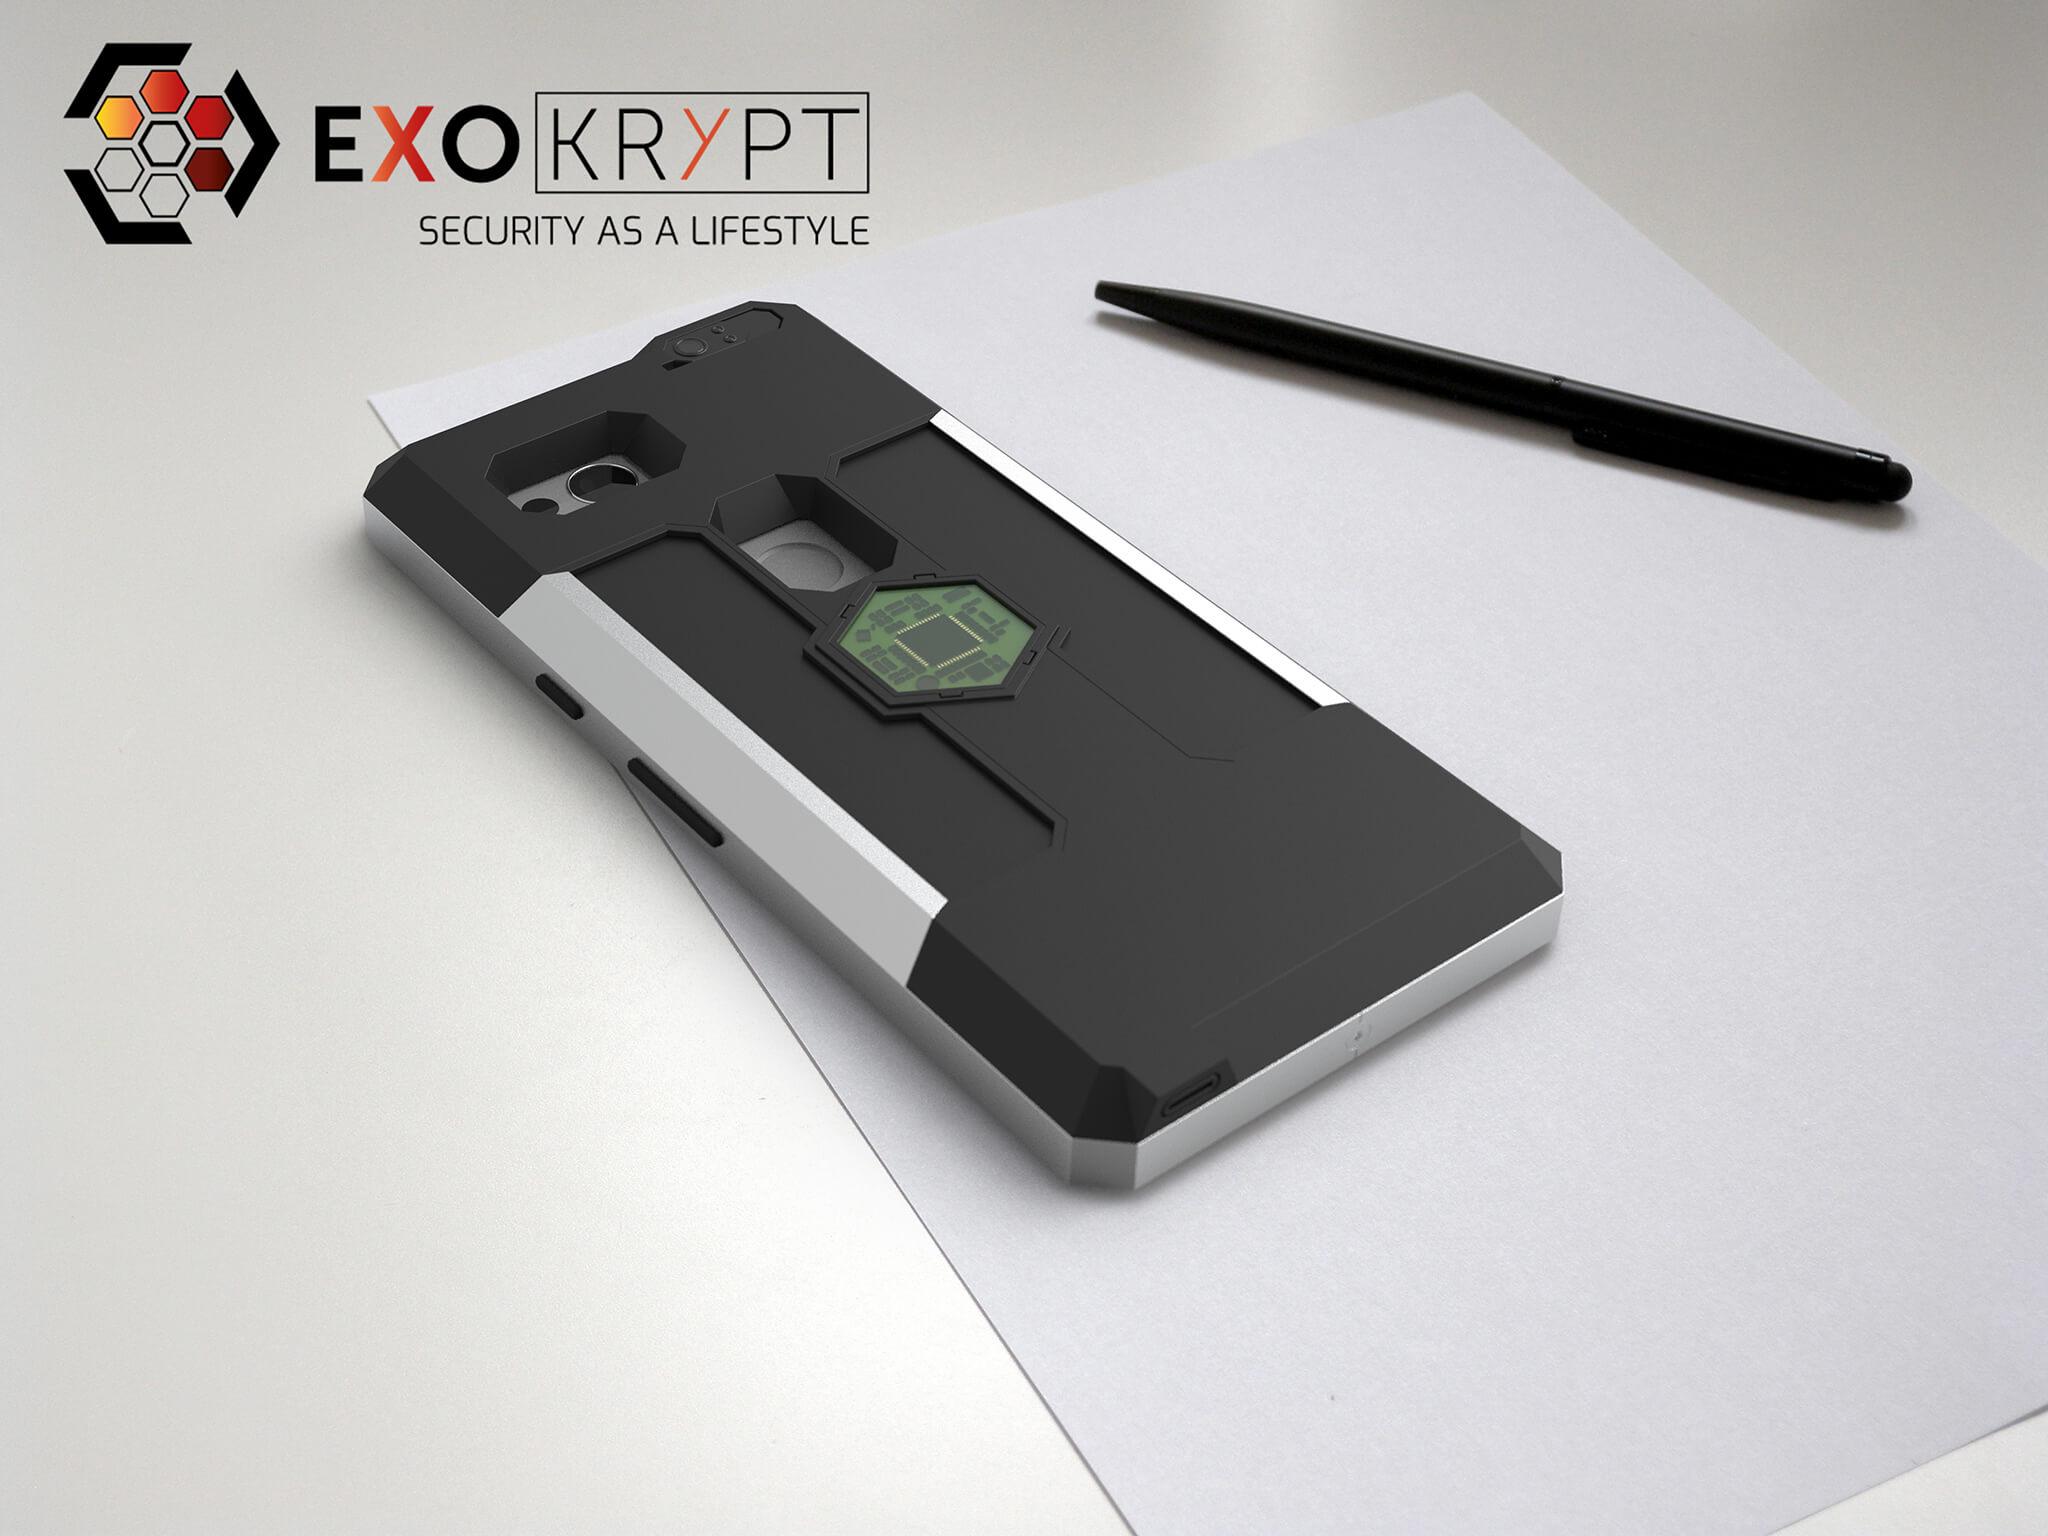 ExoShield BUSINESS Smartphone Case - Brushed Metal Frame - Schwarze Inlets auf einem Tisch auf einem Papierblatt liegend mit Kugelschreiber daneben